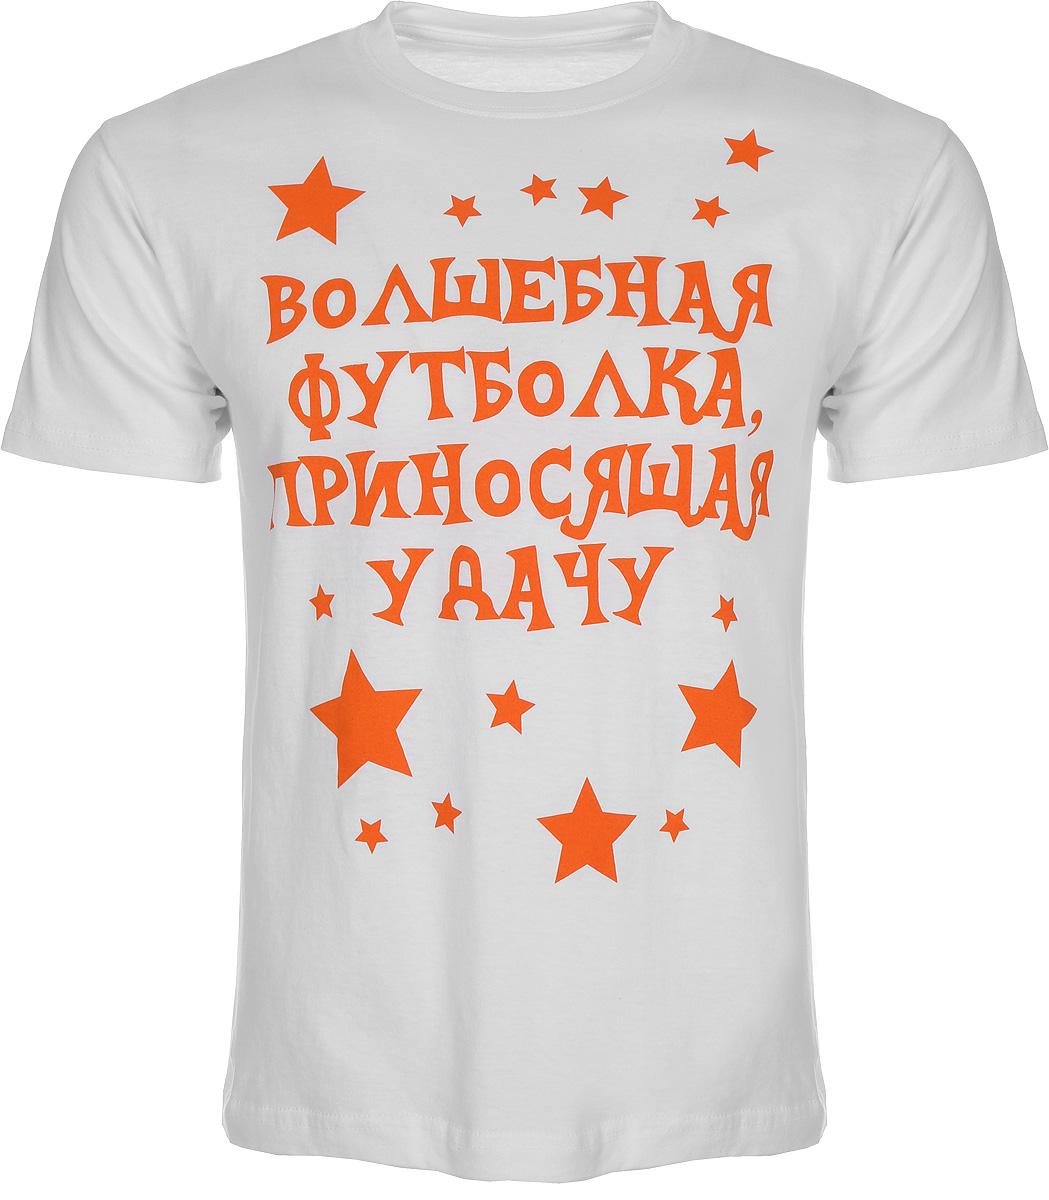 Футболка Эксмо Волшебная футболка, приносящая удачу, цвет: белый. Размер S (44) футболка эксмо волшебная футболка в которой сбываются мечты цвет белый размер s 44